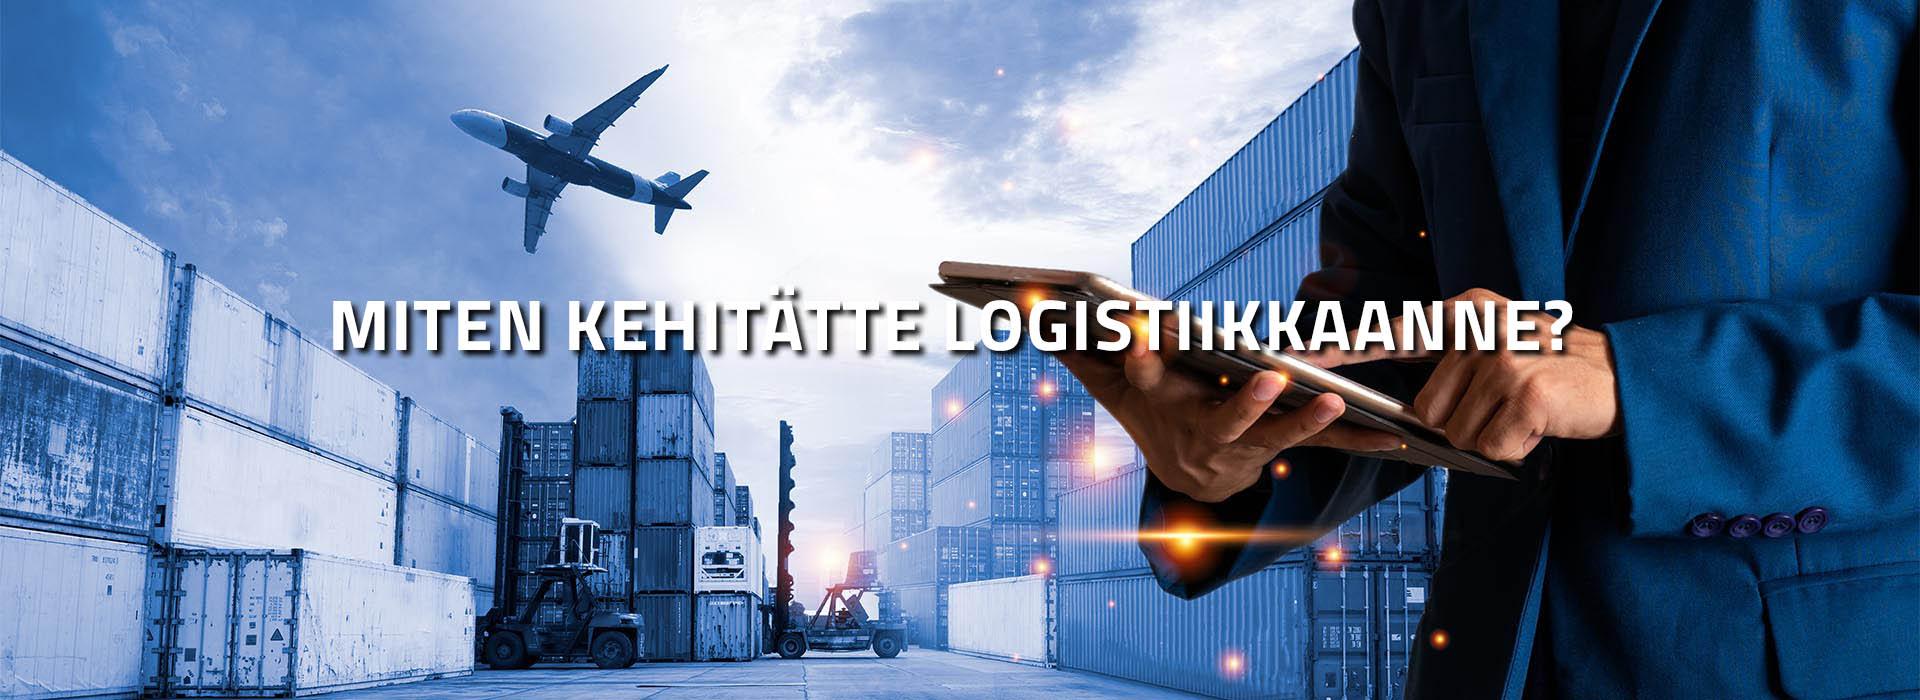 Miten ulkopuolinen konsultti voisi auttaa teitä logistiikan kehittämisessä? |Ziirto Oy